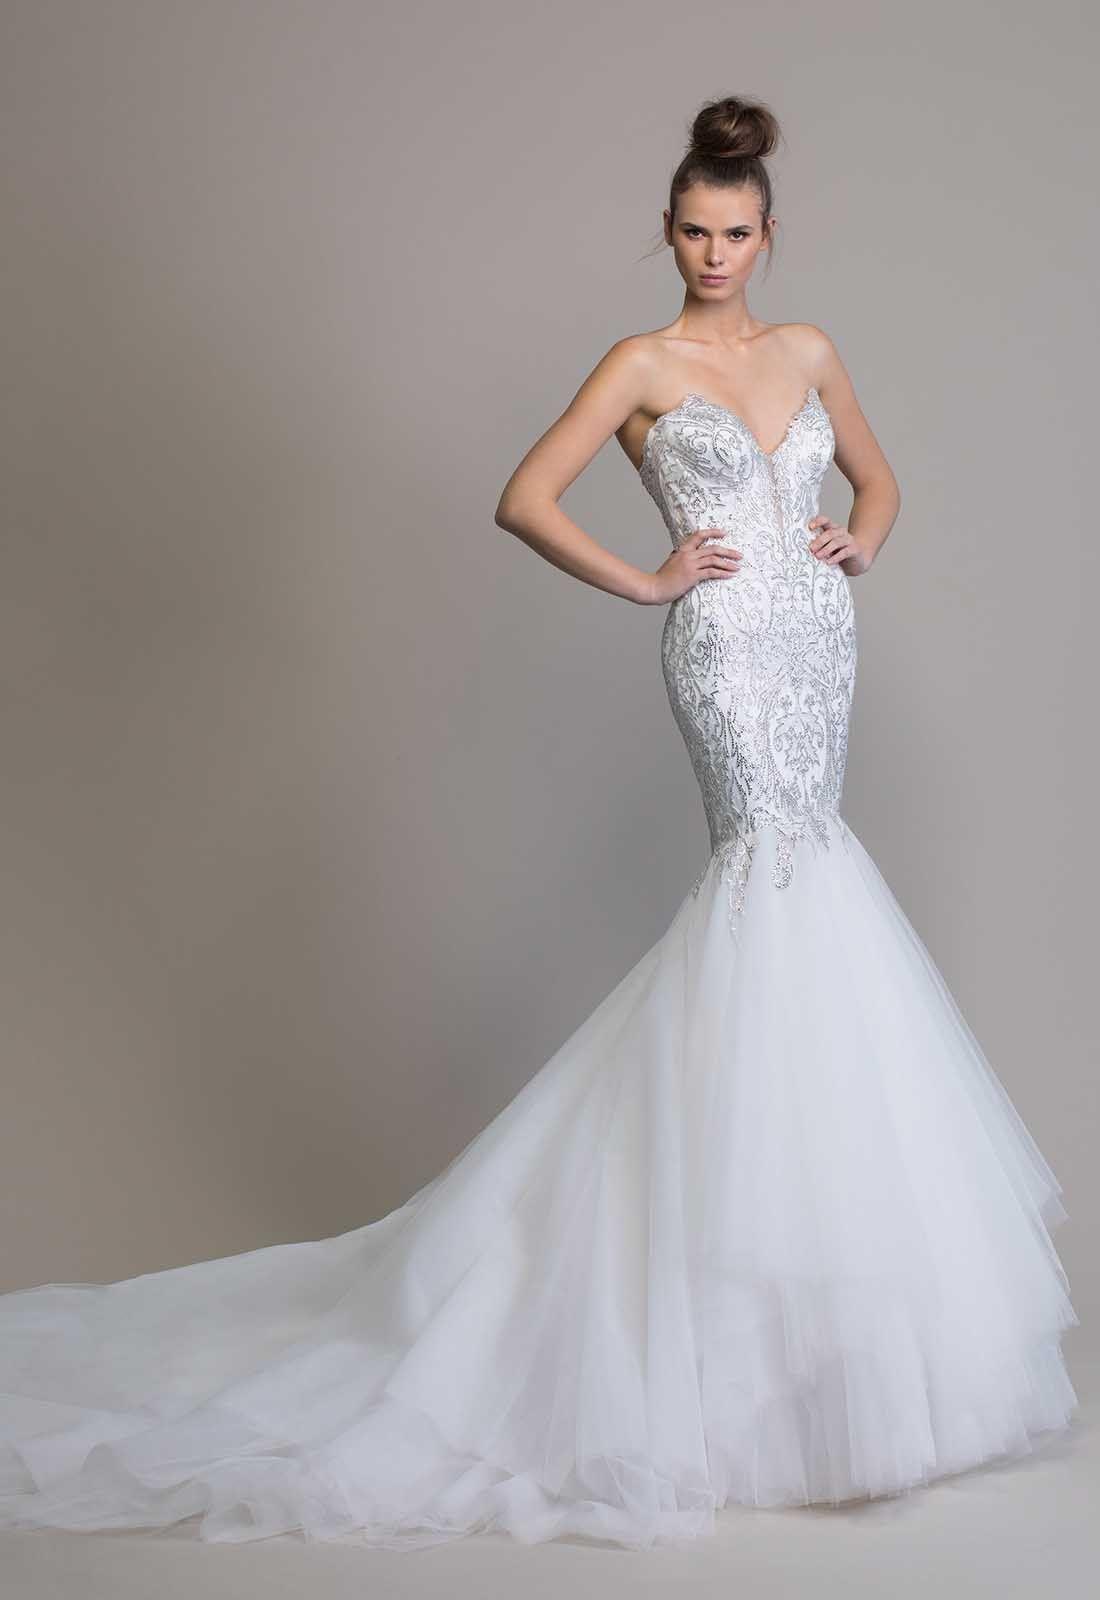 Pnina Tornai 2020 Lovebypninatornai Mermaidgown Weddinggown Weddingdress Bridalgo Pnina Tornai Wedding Dress Bling Wedding Dress Panina Wedding Dresses